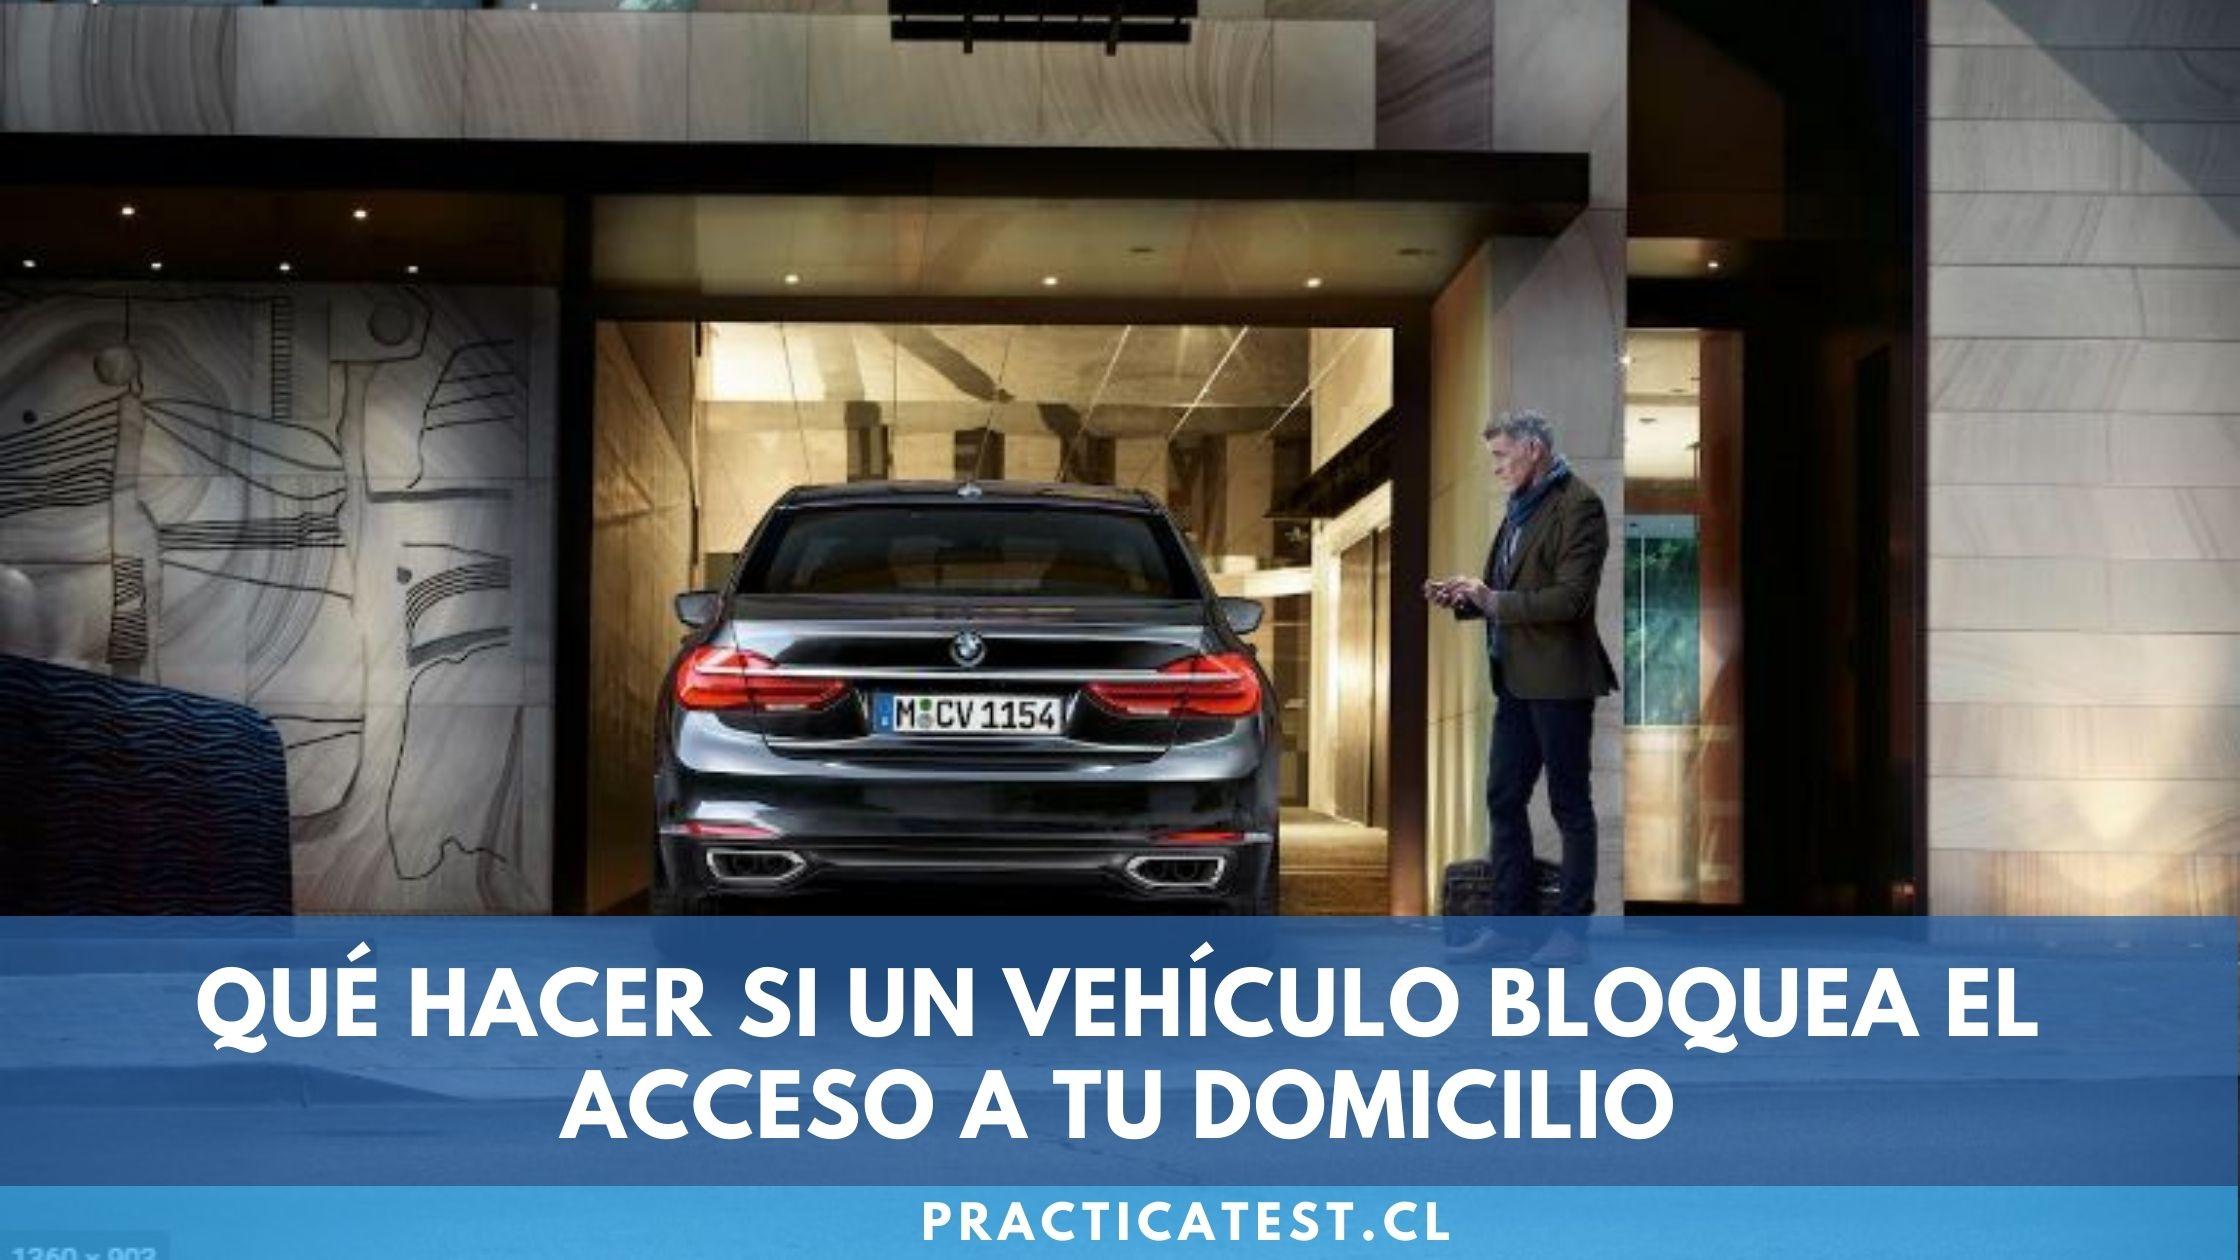 Acciones a realizar en caso de que otro vehículo bloquee el acceso a mi domicilio